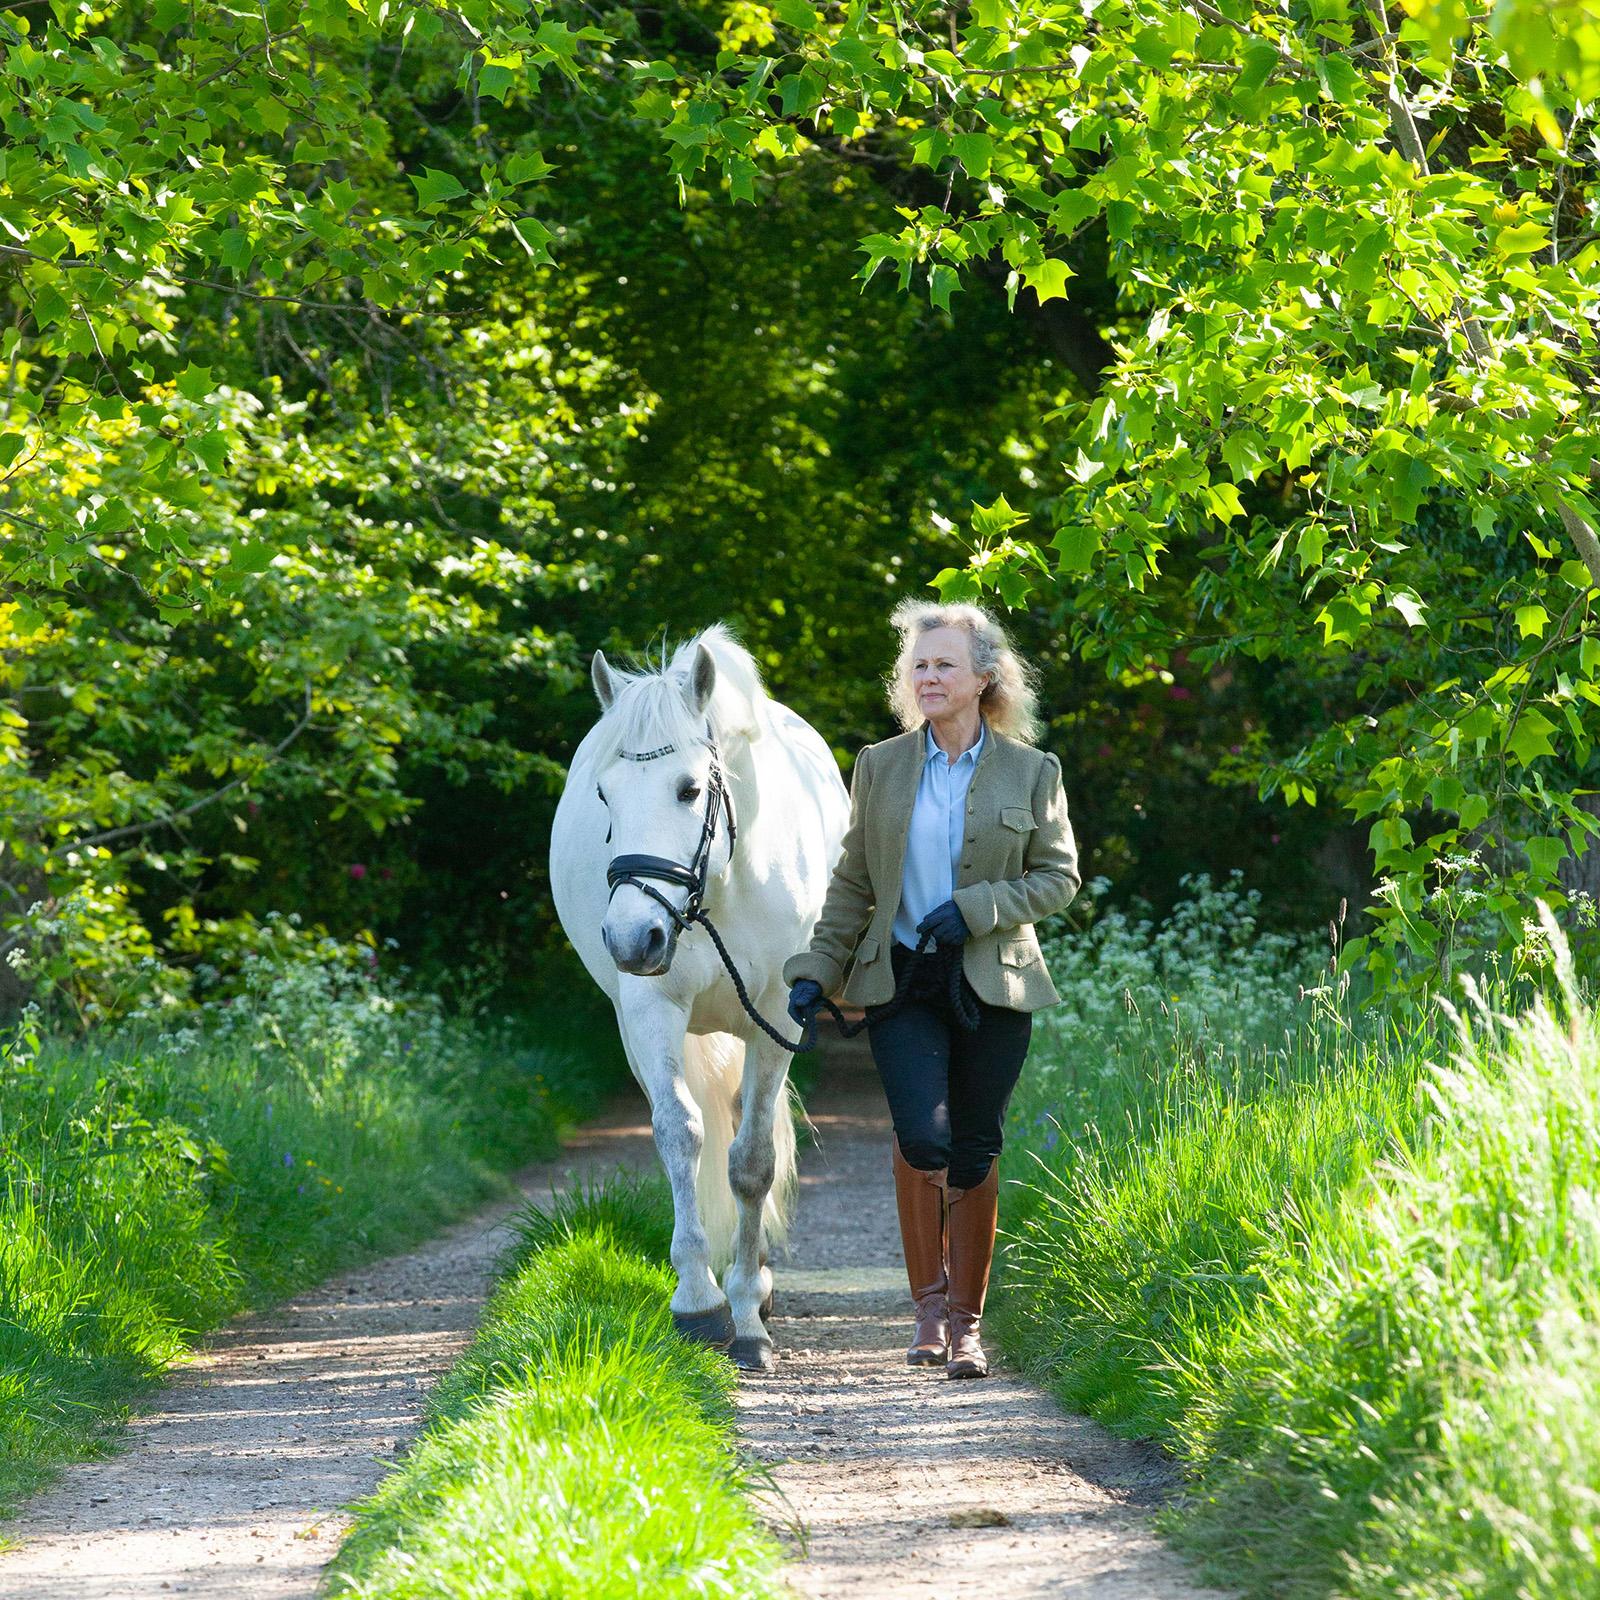 jane rayner photography - horse photo session testimonial